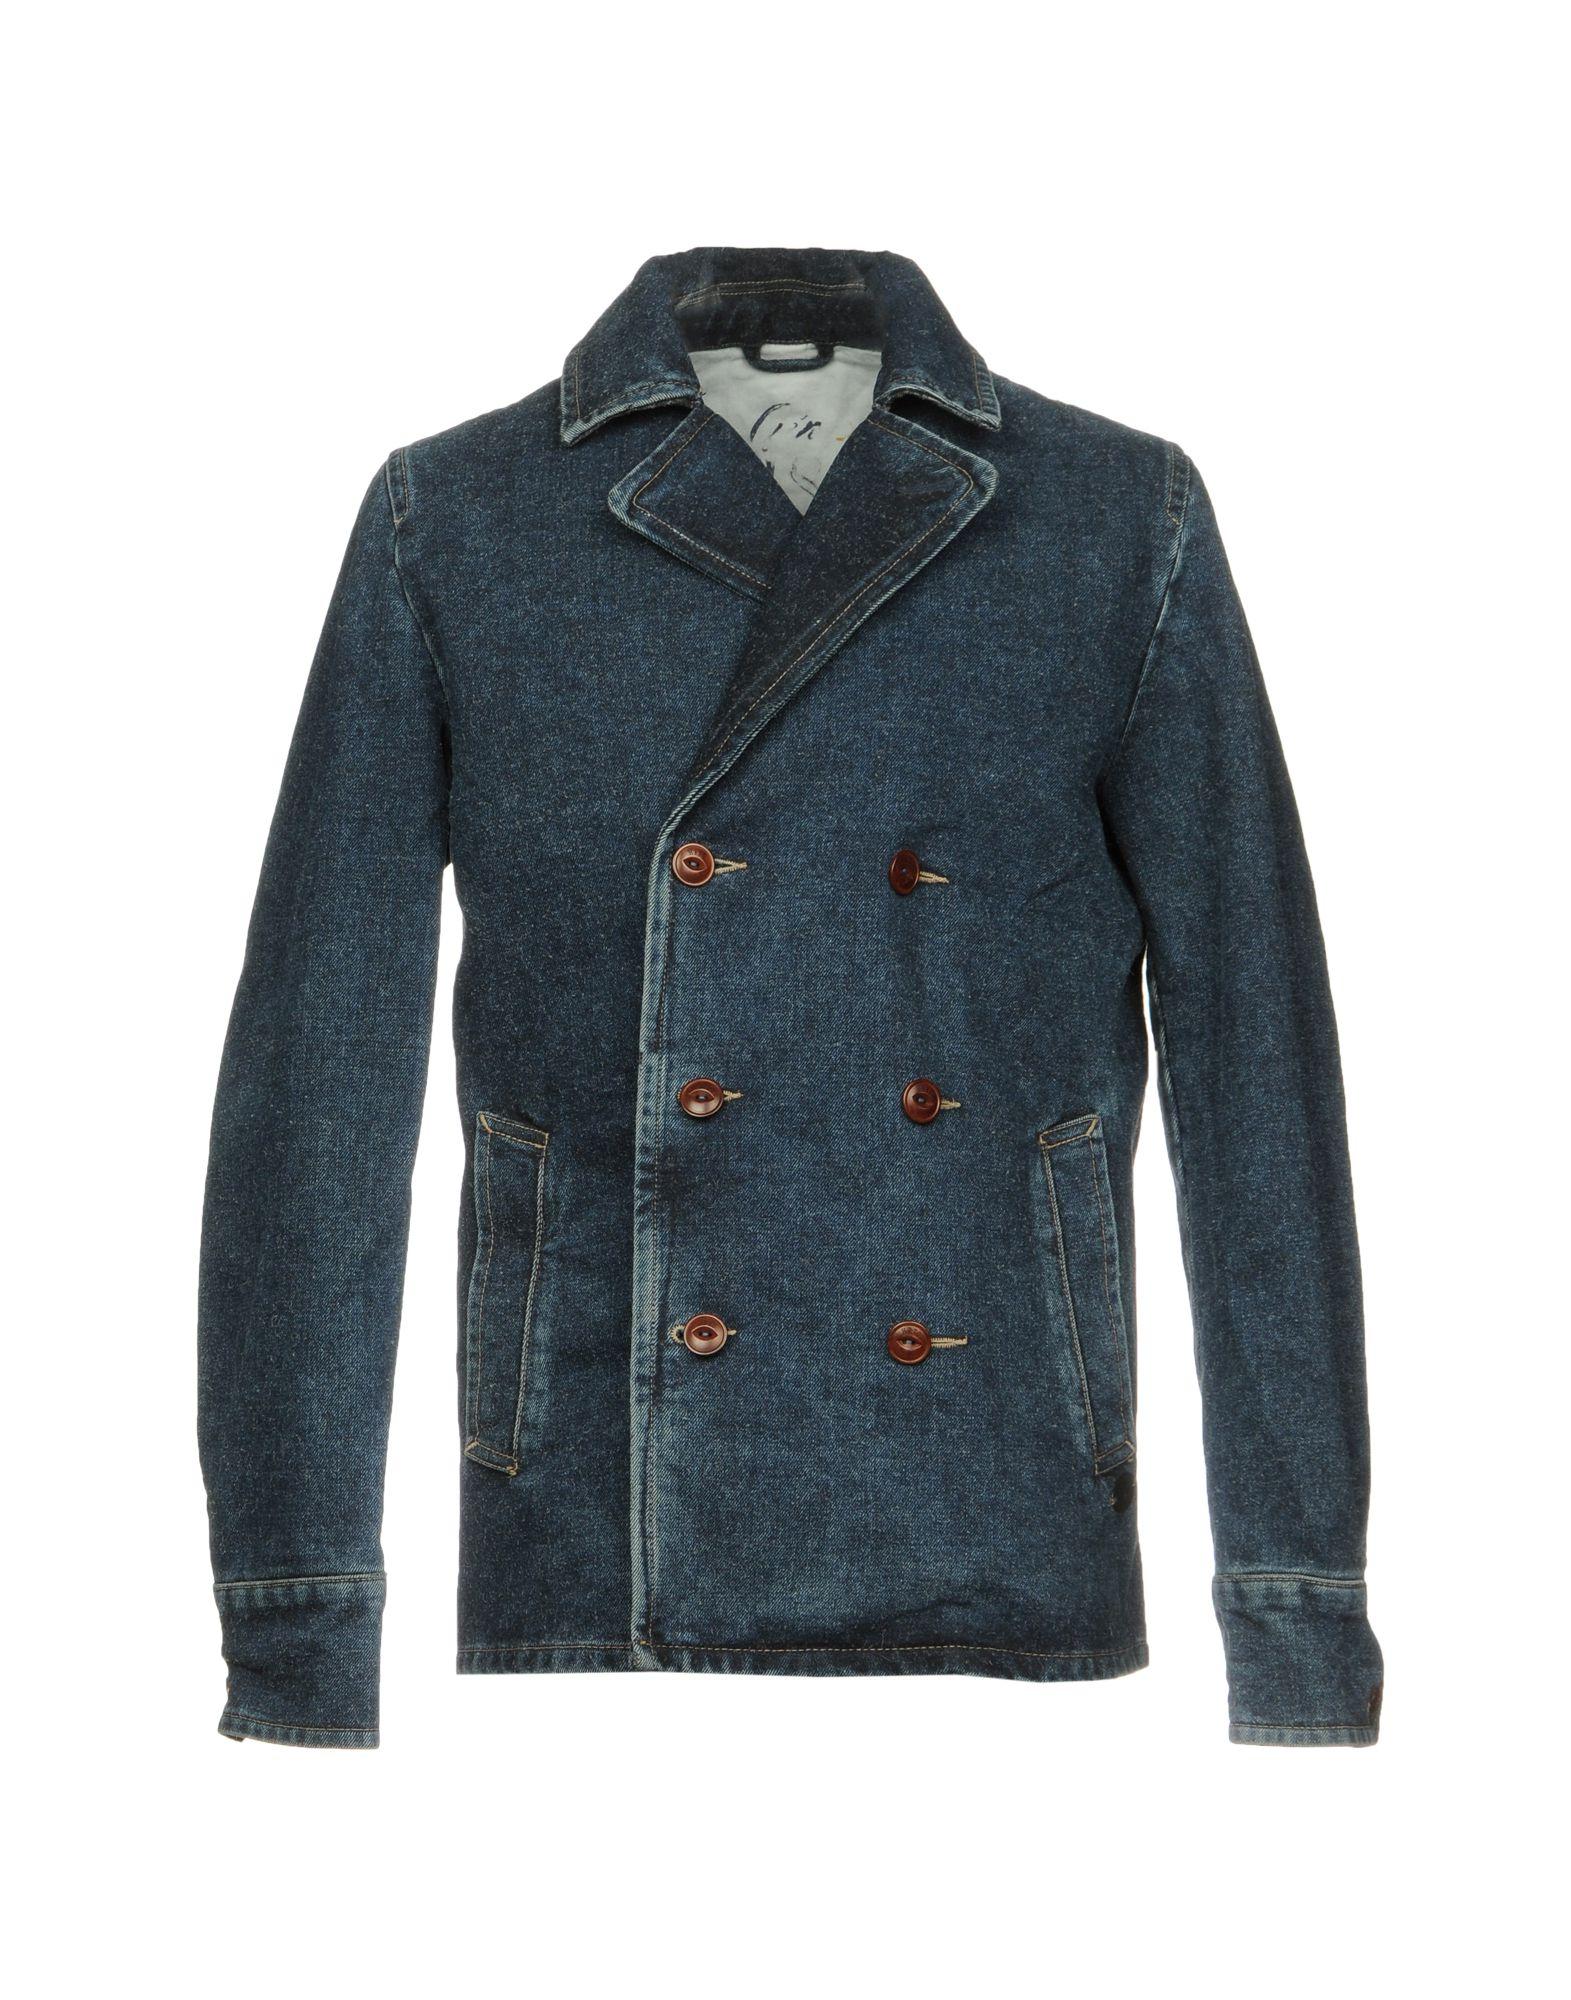 купить PEPE JEANS HERITAGE Джинсовая верхняя одежда по цене 5600 рублей